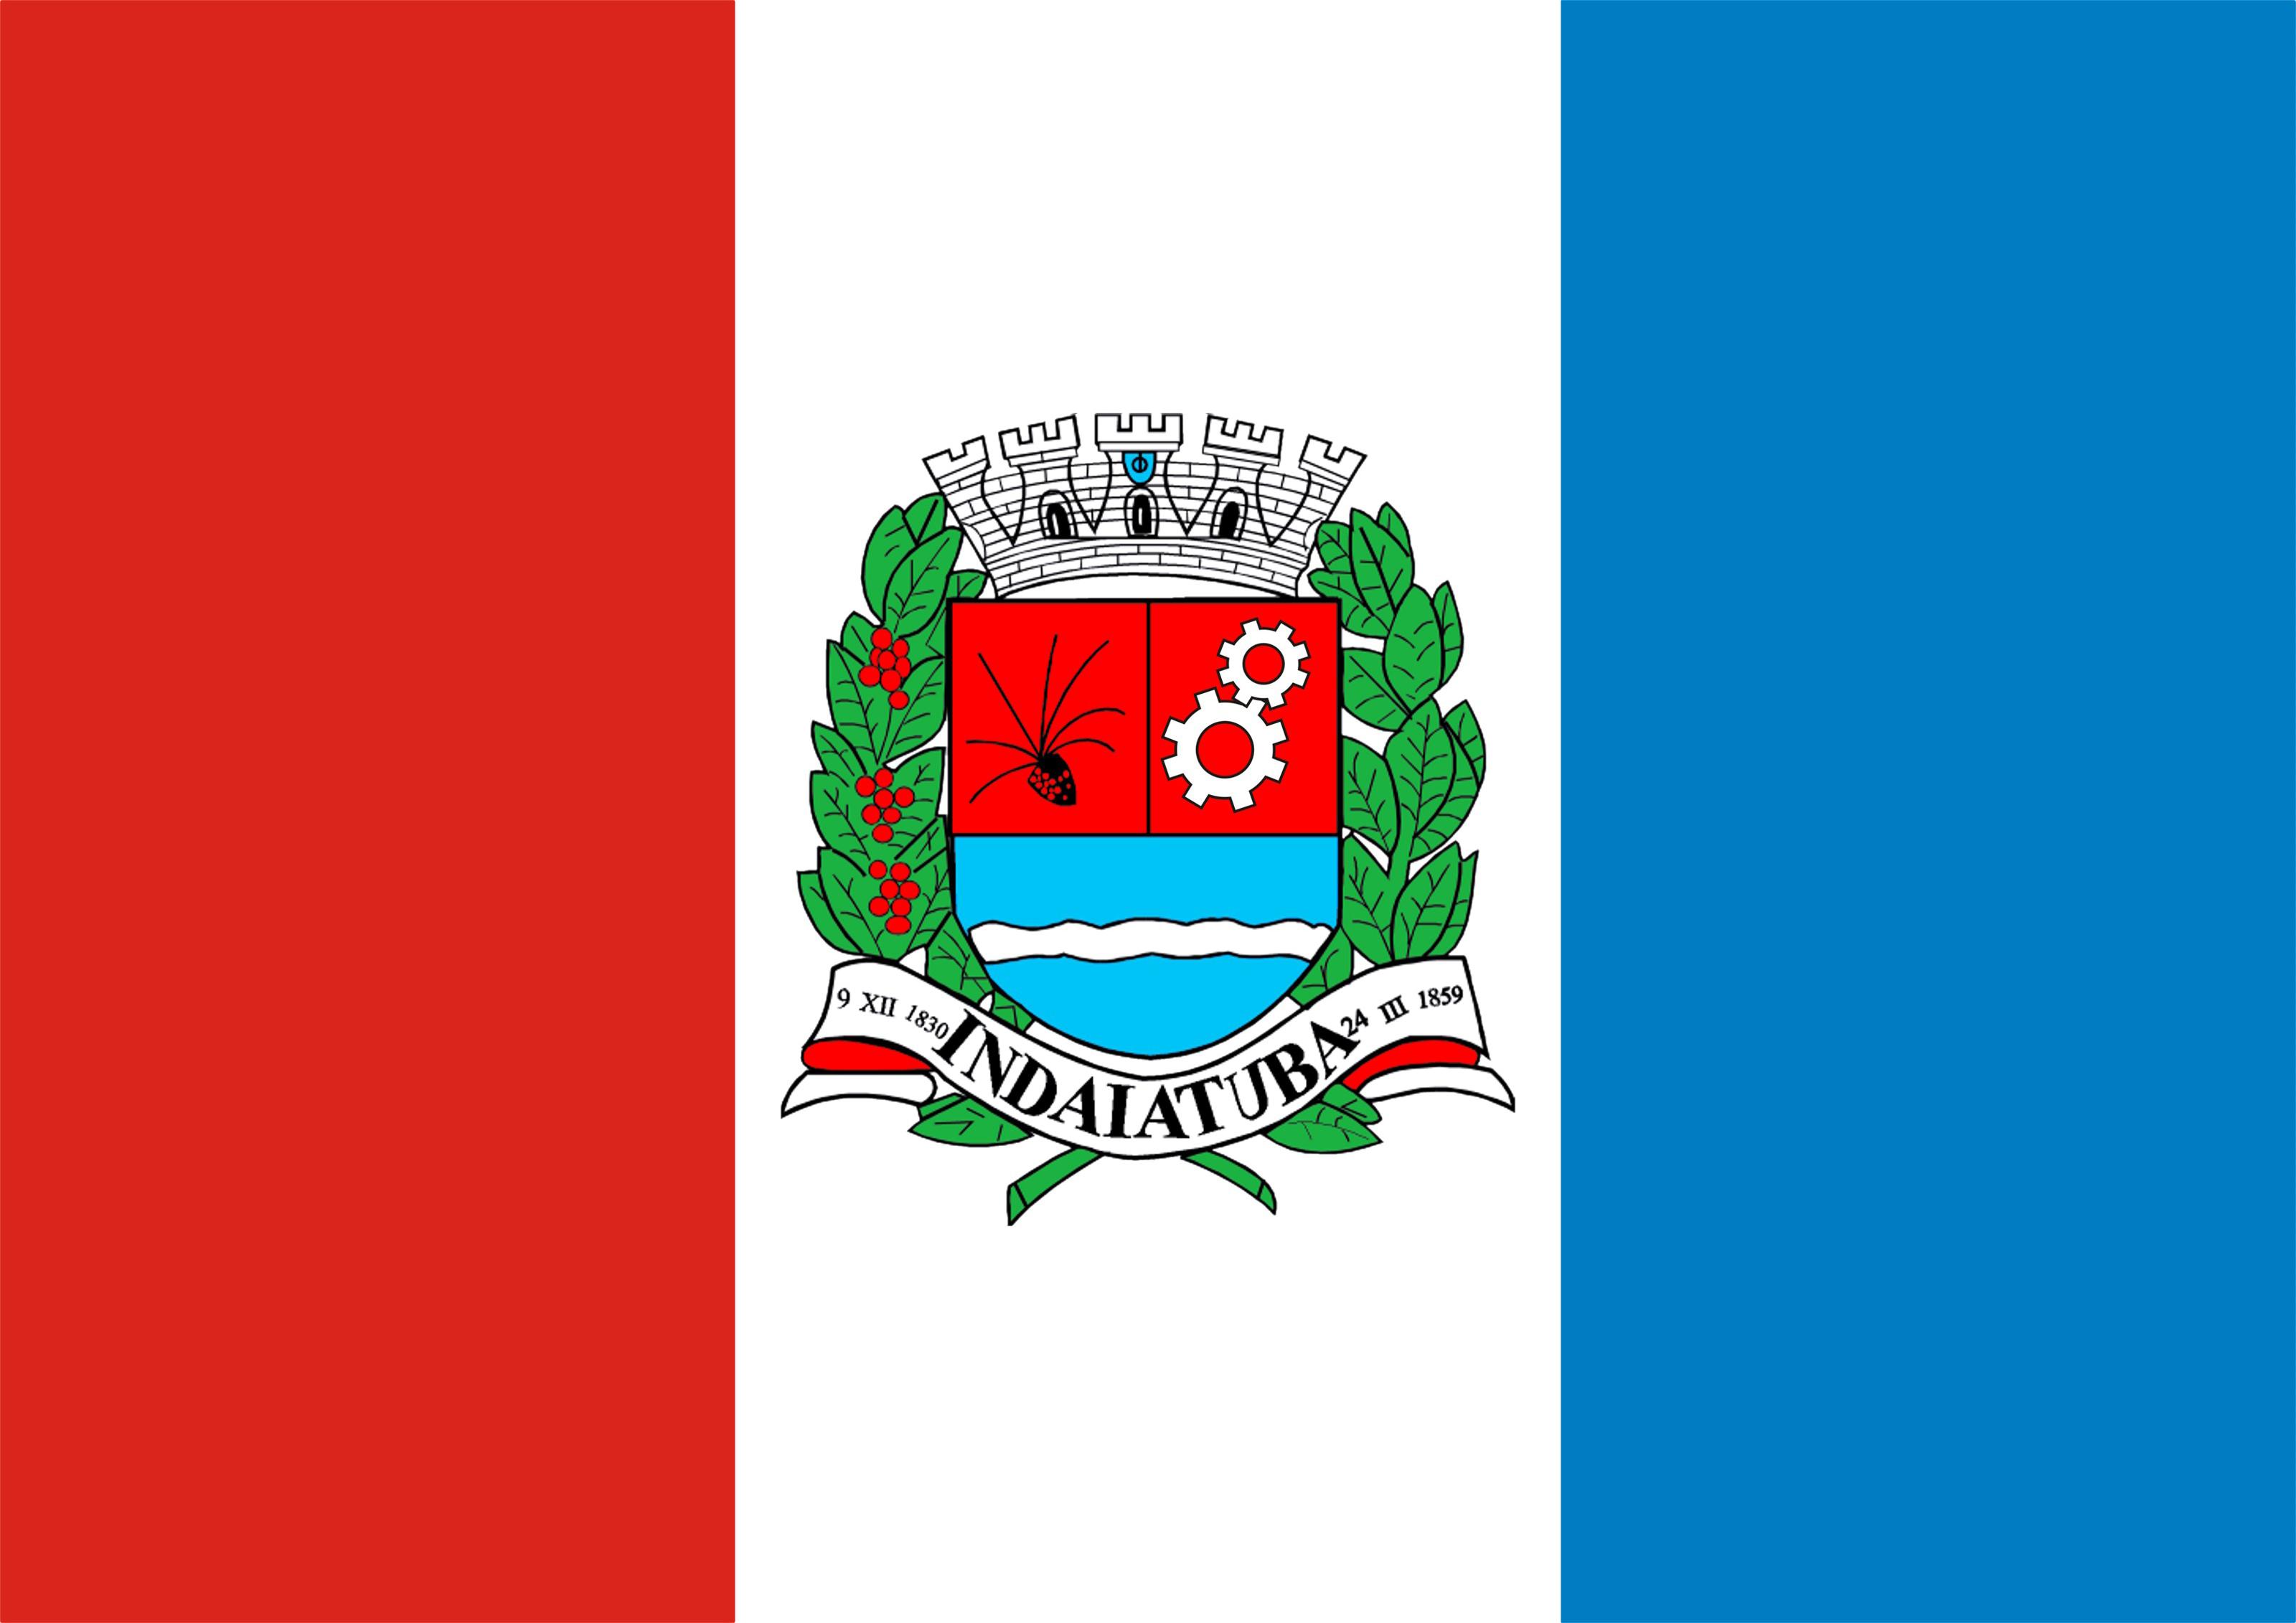 bandeira indaiatuba sp - Bandeira de Indaiatuba SP